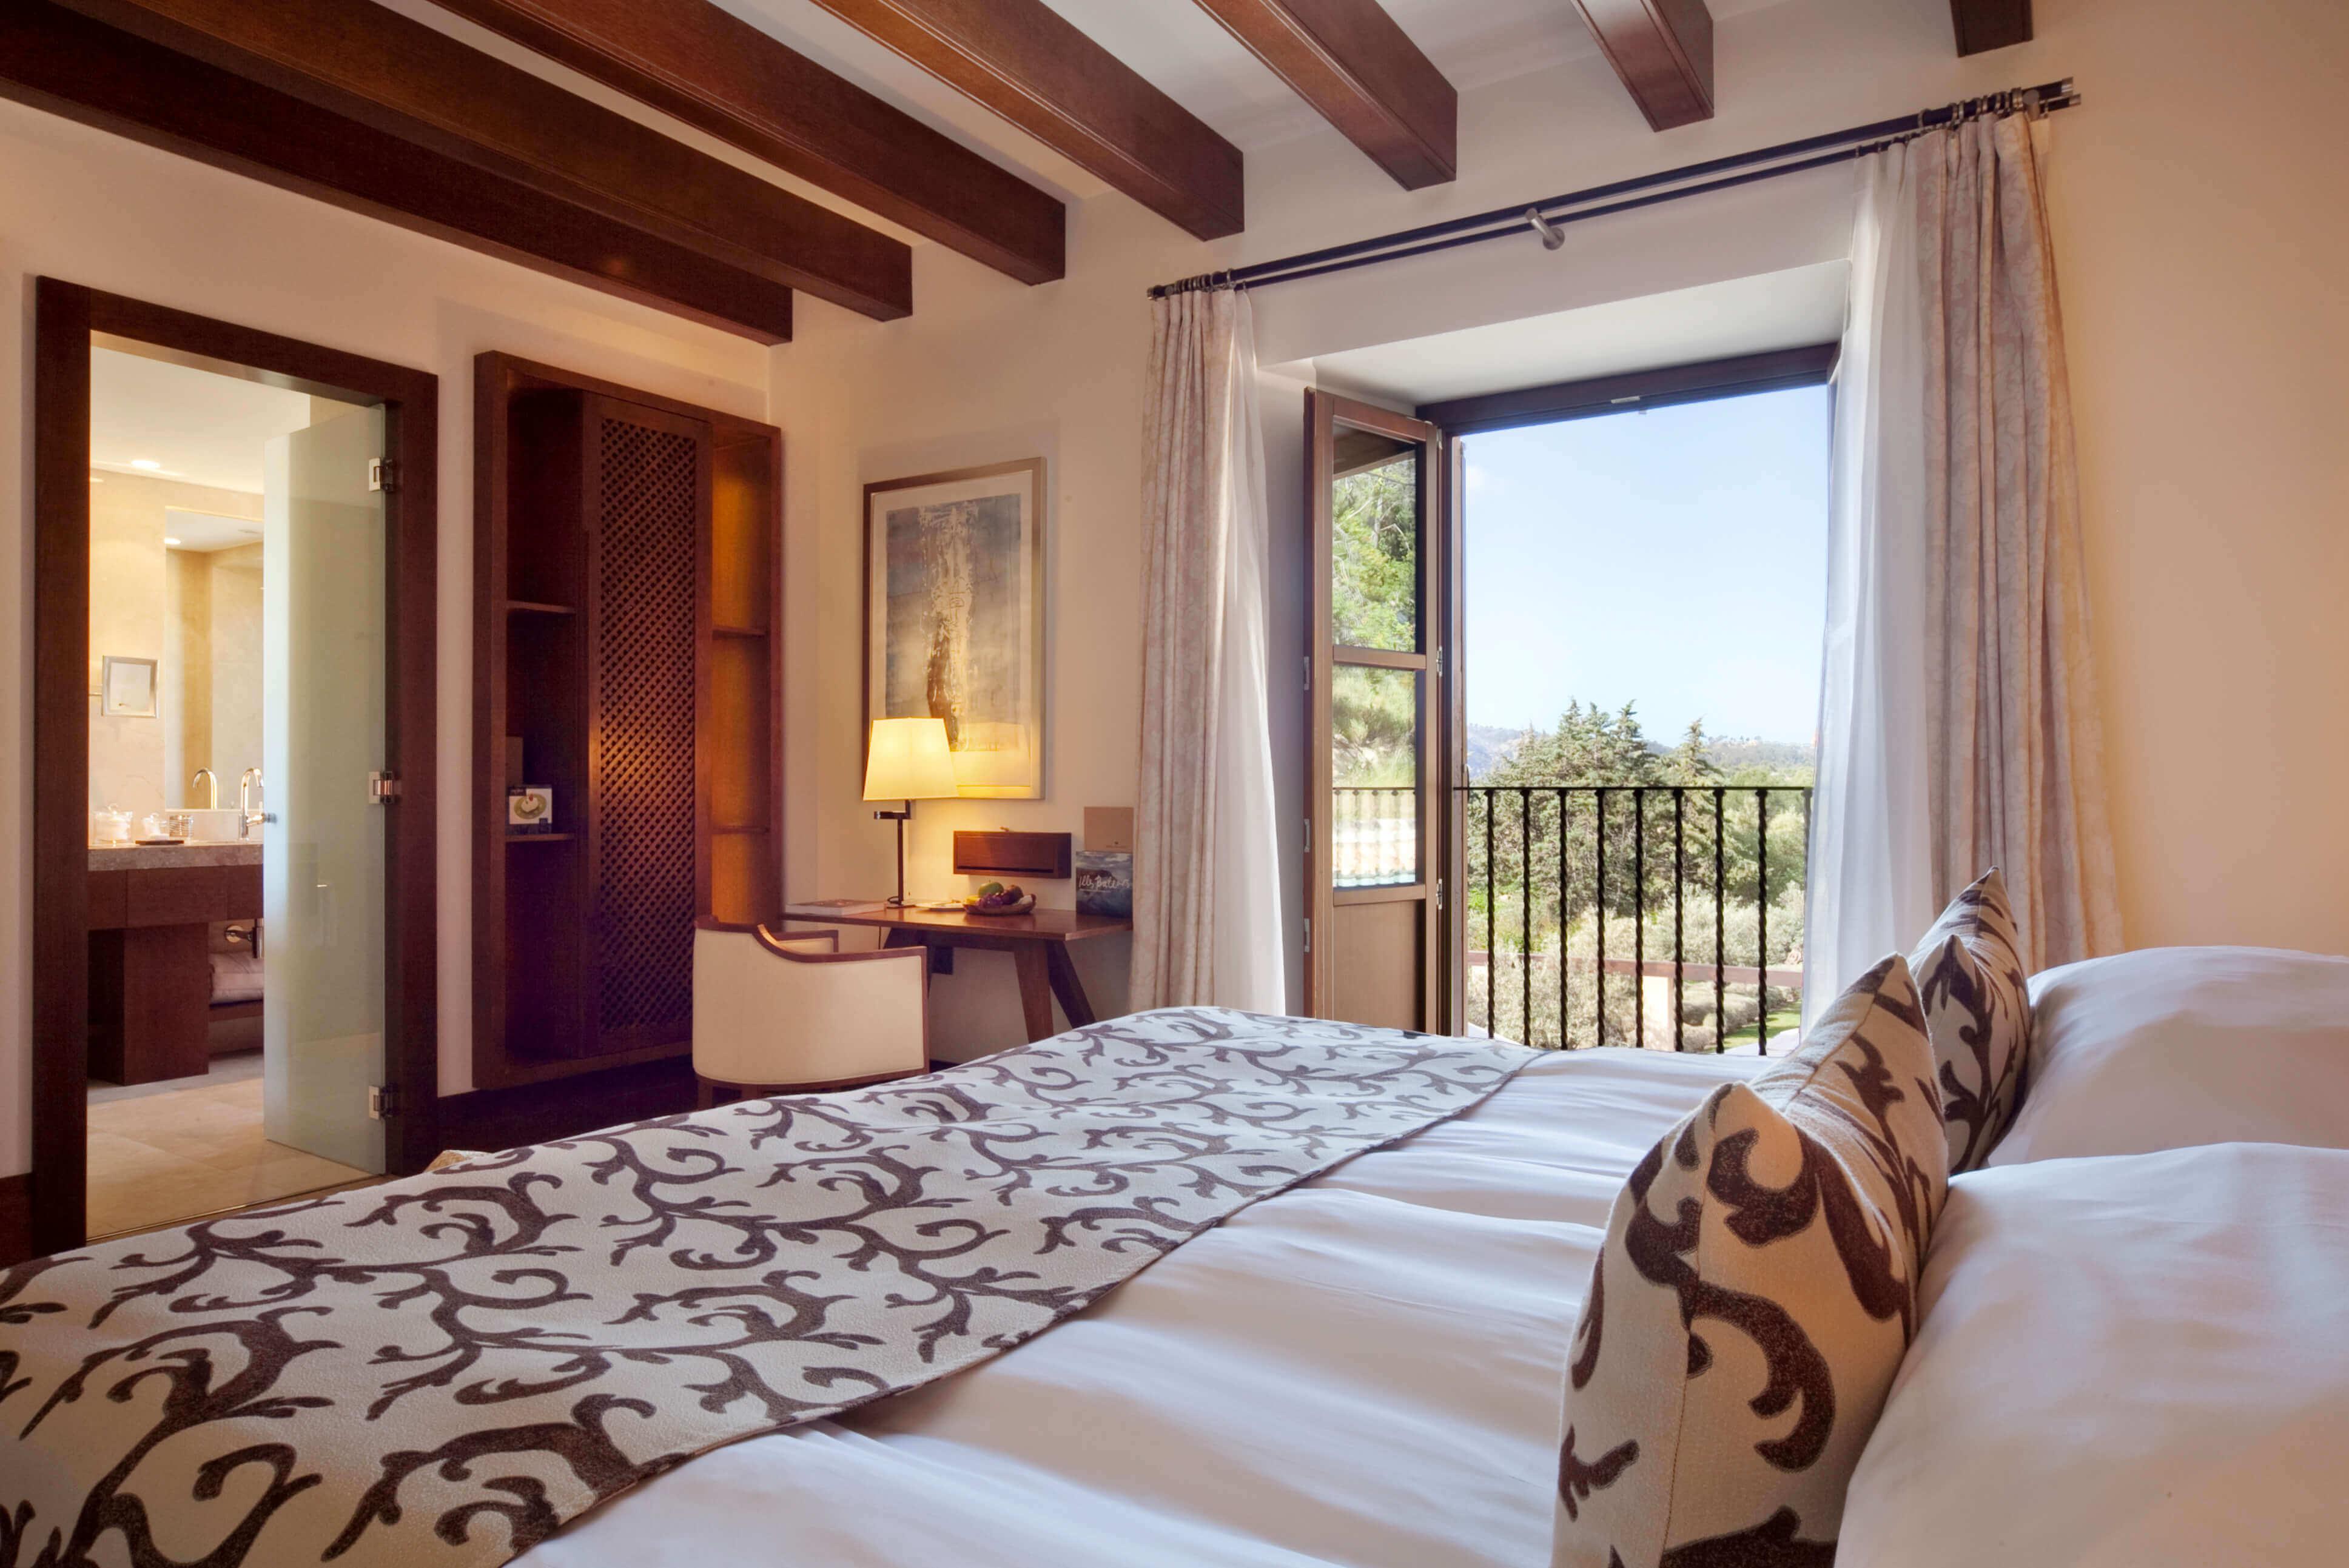 Suites y Habitaciones del Hotel de lujo en Mallorca, Castell Son Claret (1)